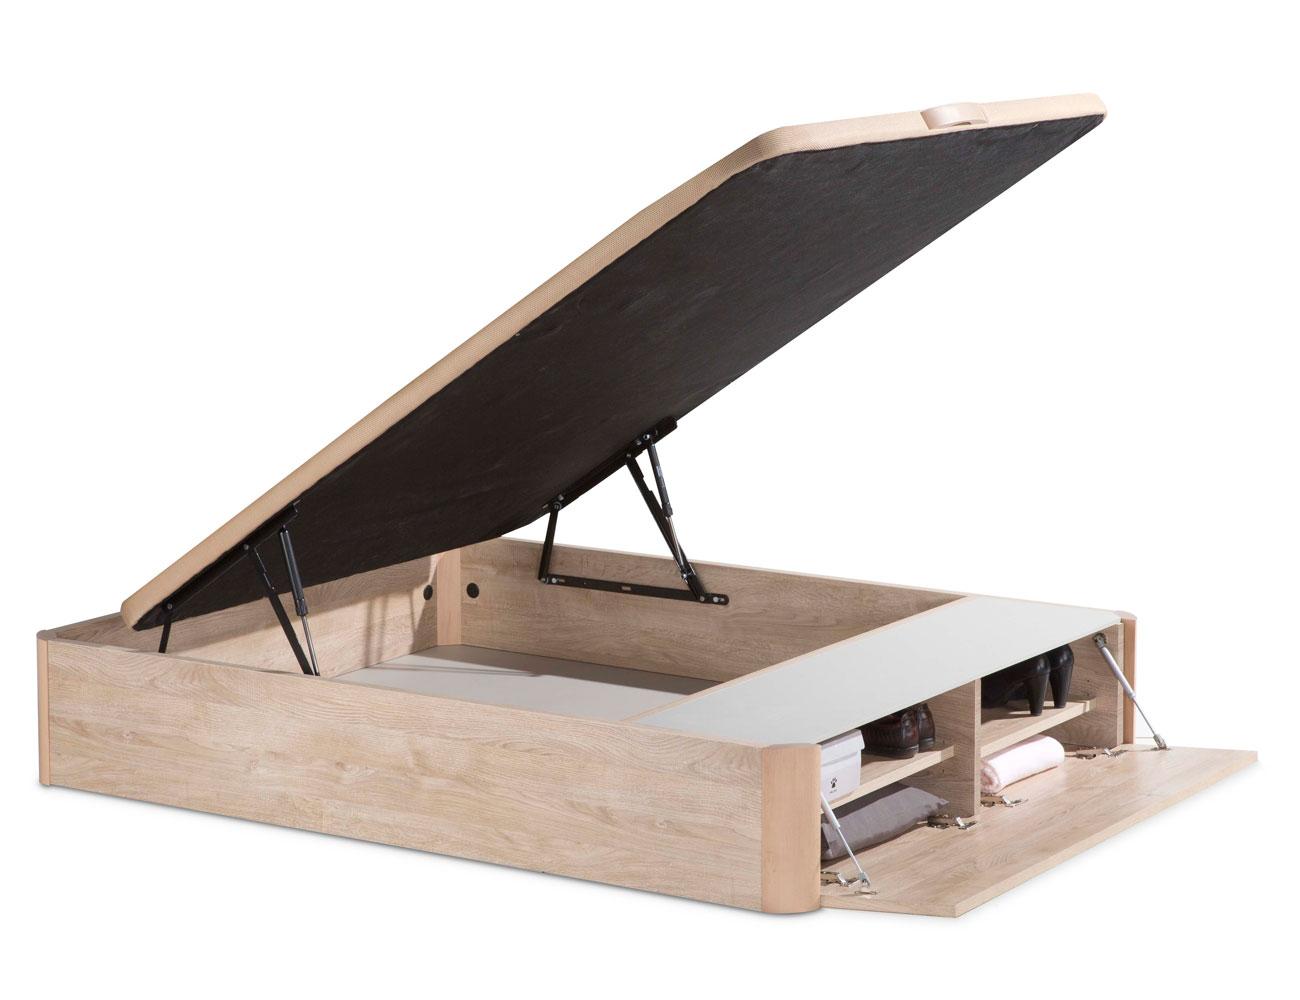 Canap de madera con zapatero 8051 factory del mueble for Canape con zapatero